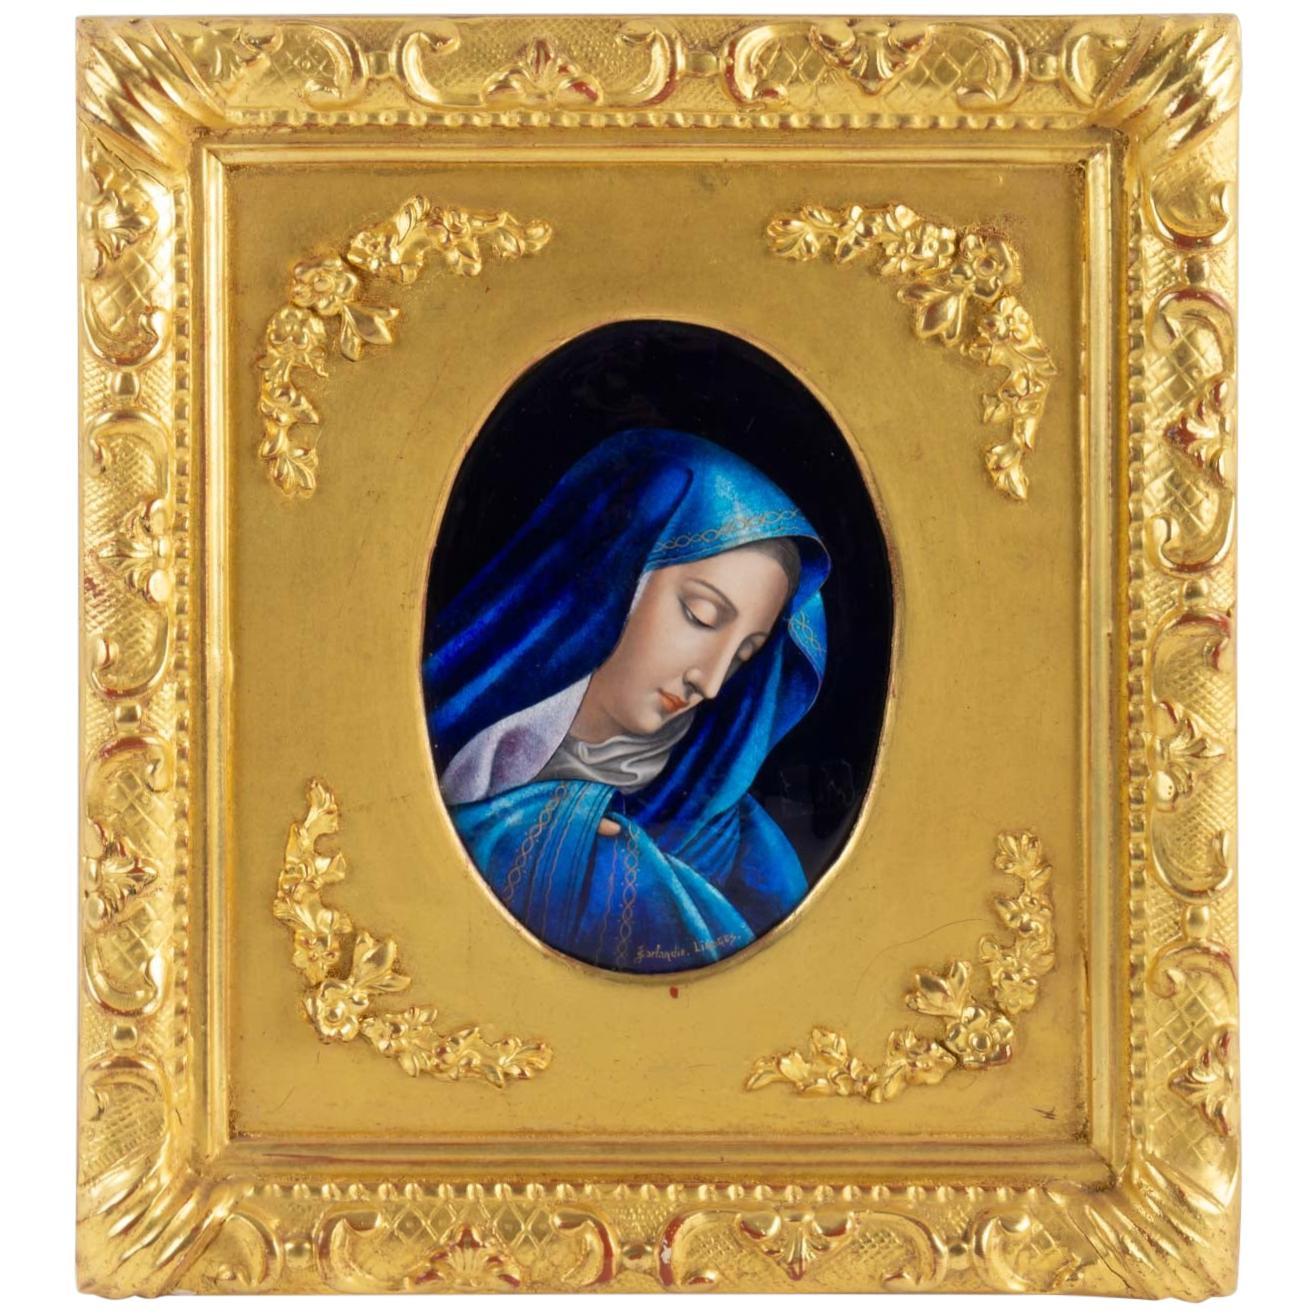 Enamel Plate The Virgin Mary by Jules Sarlandie